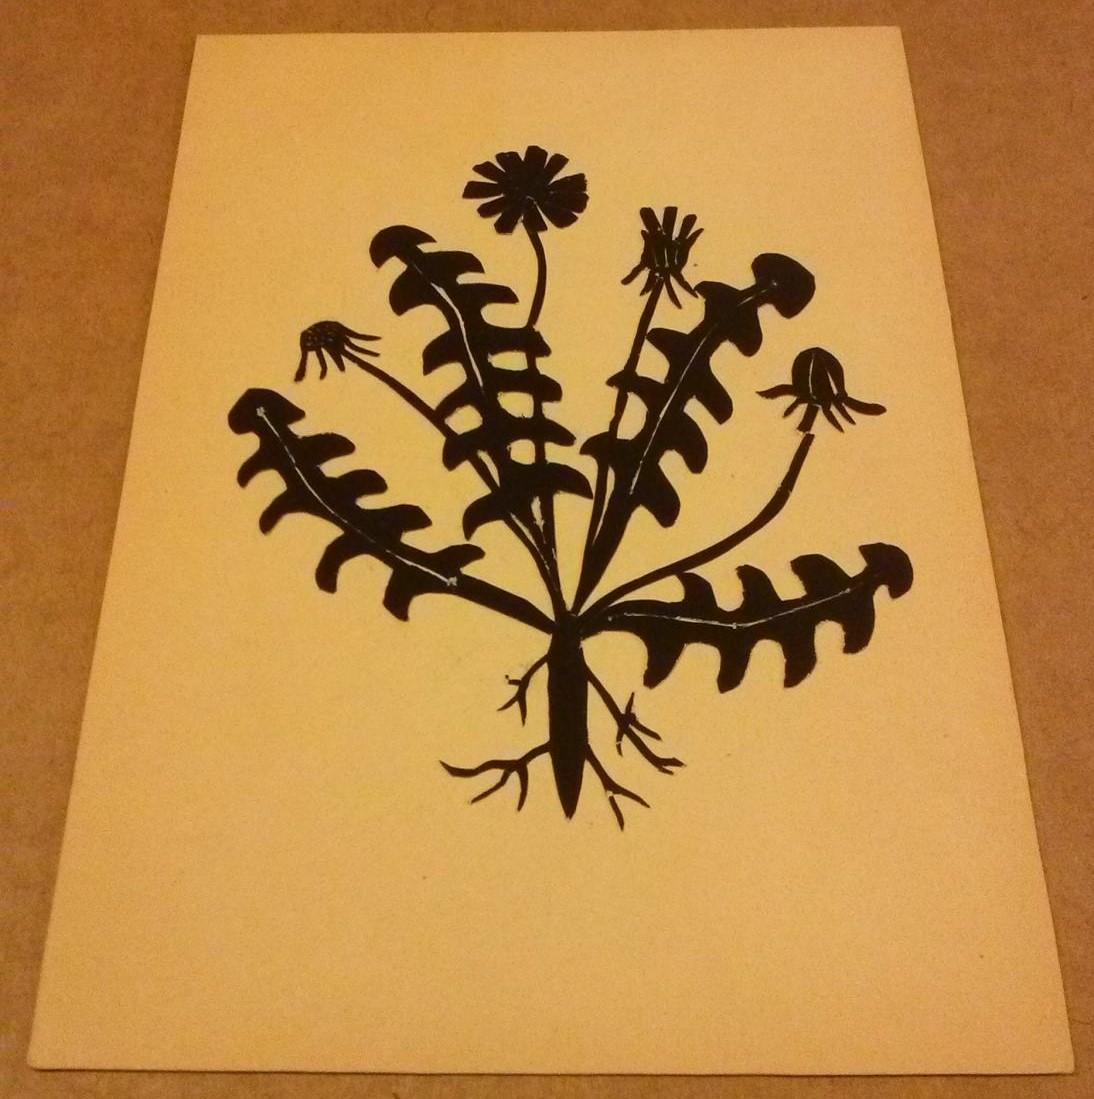 Scherenschnitt Löwenzahn mit Blättern und Blüten / Pusteblume - schwarzes Papier fühlbar - ohne jegliche Bezeichnung (wohl 1960er Jahre) 0